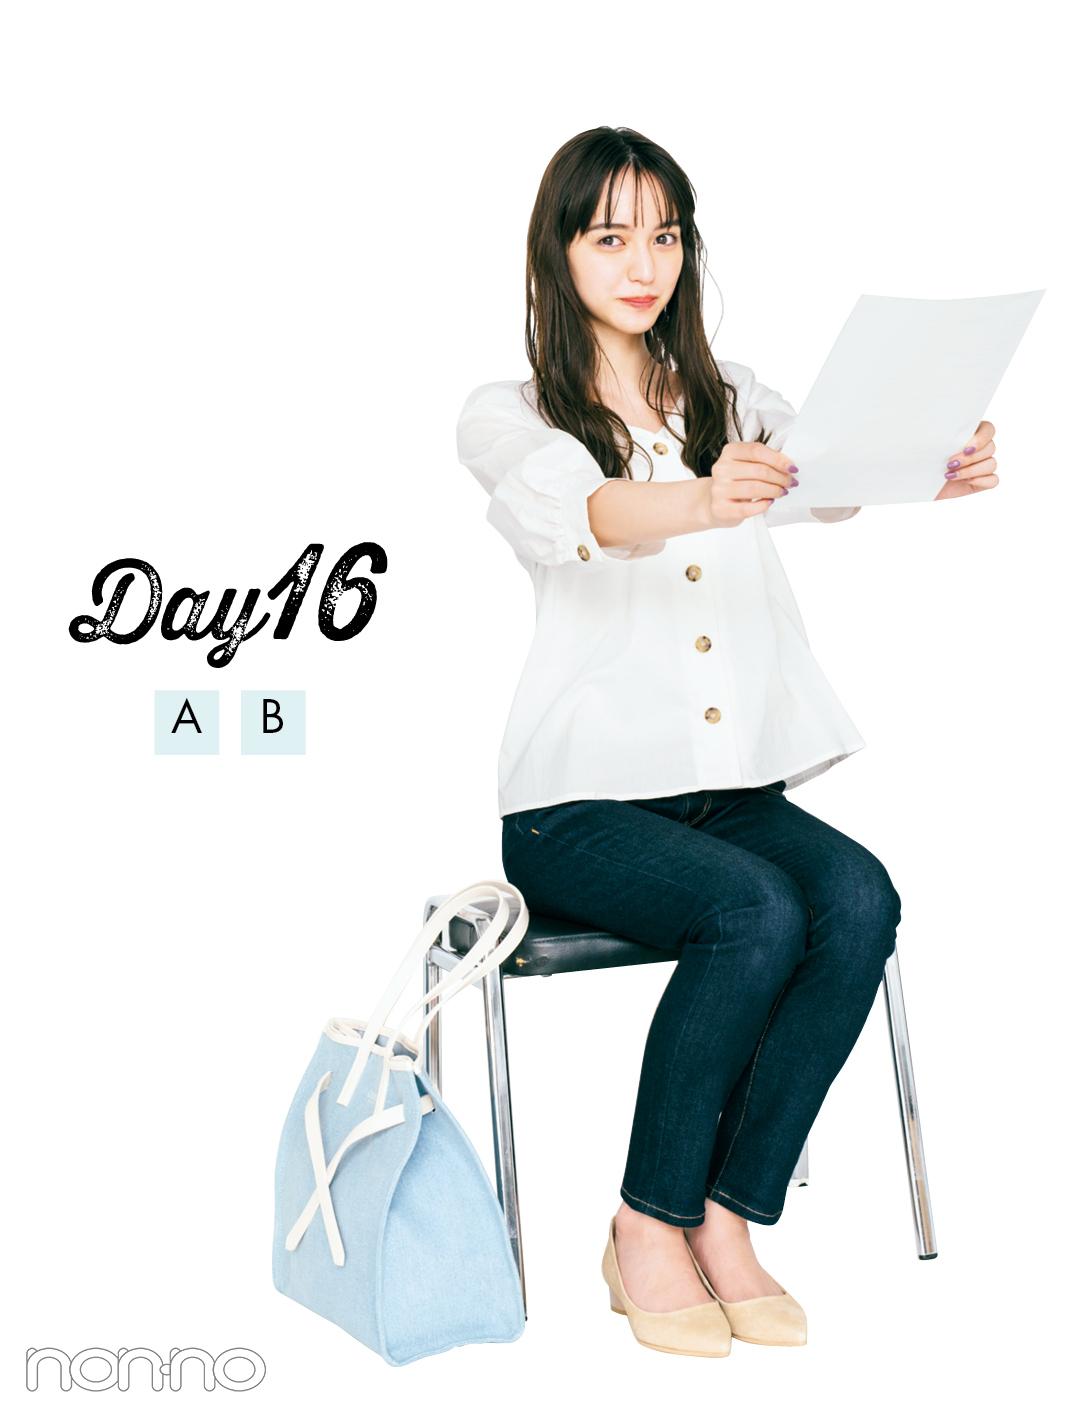 大好評第3弾! 多屋来夢が可愛すぎる♡ 2019春の着回しコーデ20days【day14-20】_1_3-2